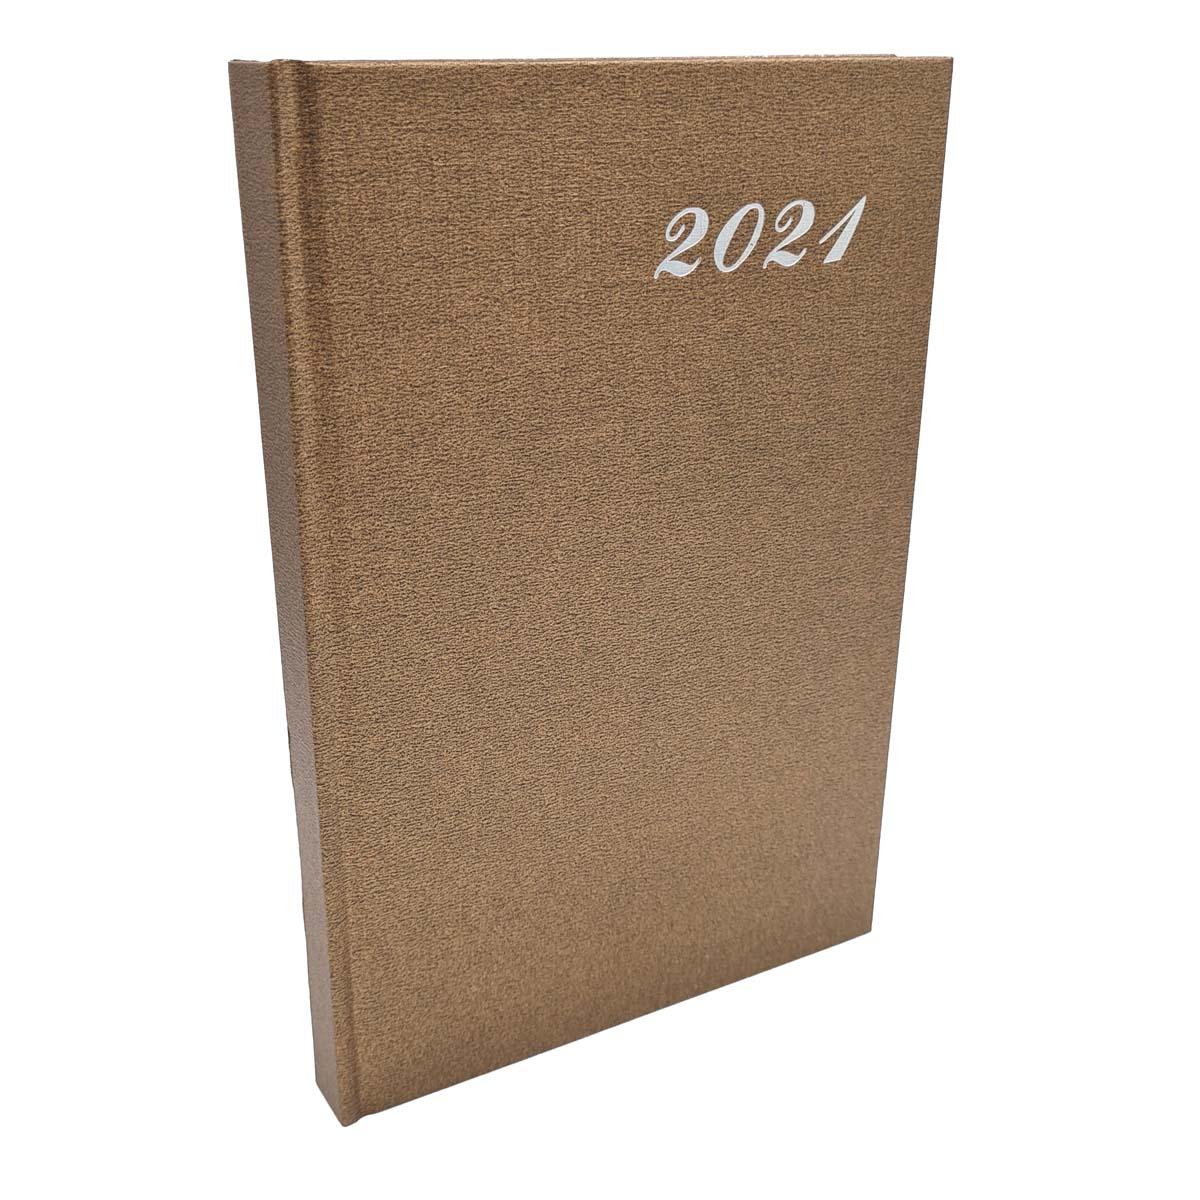 Agenda 2021 Diária A5 176 Folhas Capa Dura Dourada